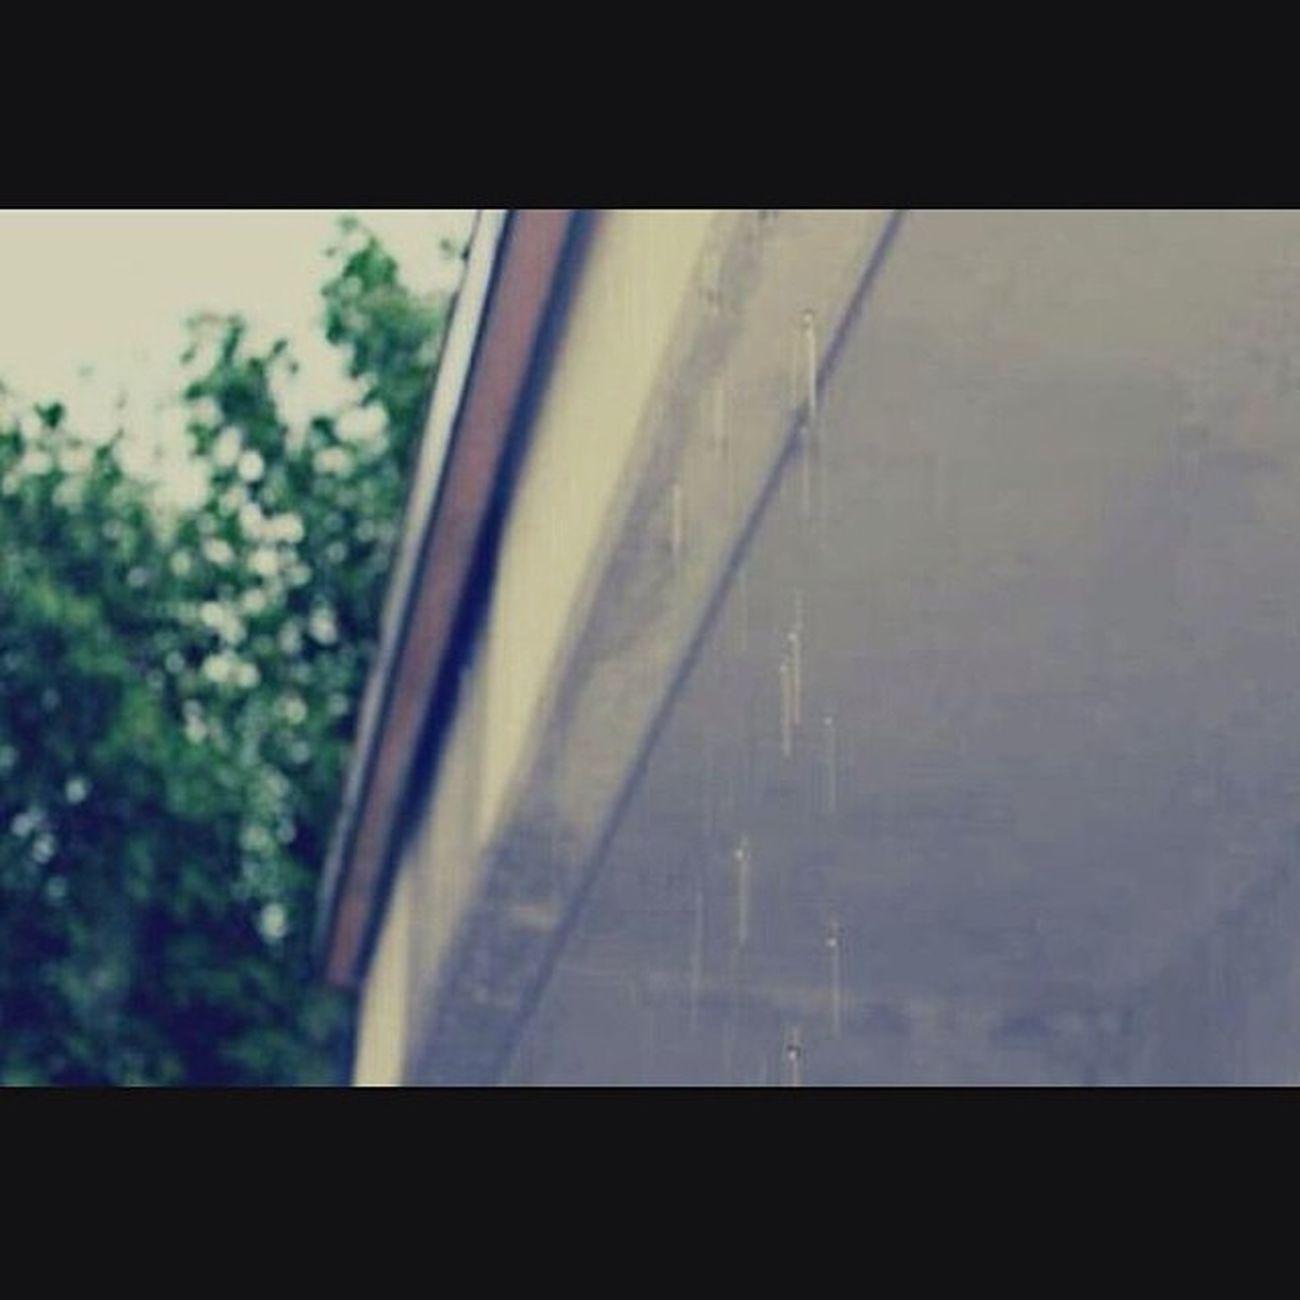 فإذا أردتَ أن تحيَا سعيدًا فقط انسى تفكر في السعَادة !! شجر مطر بيتنا ??.